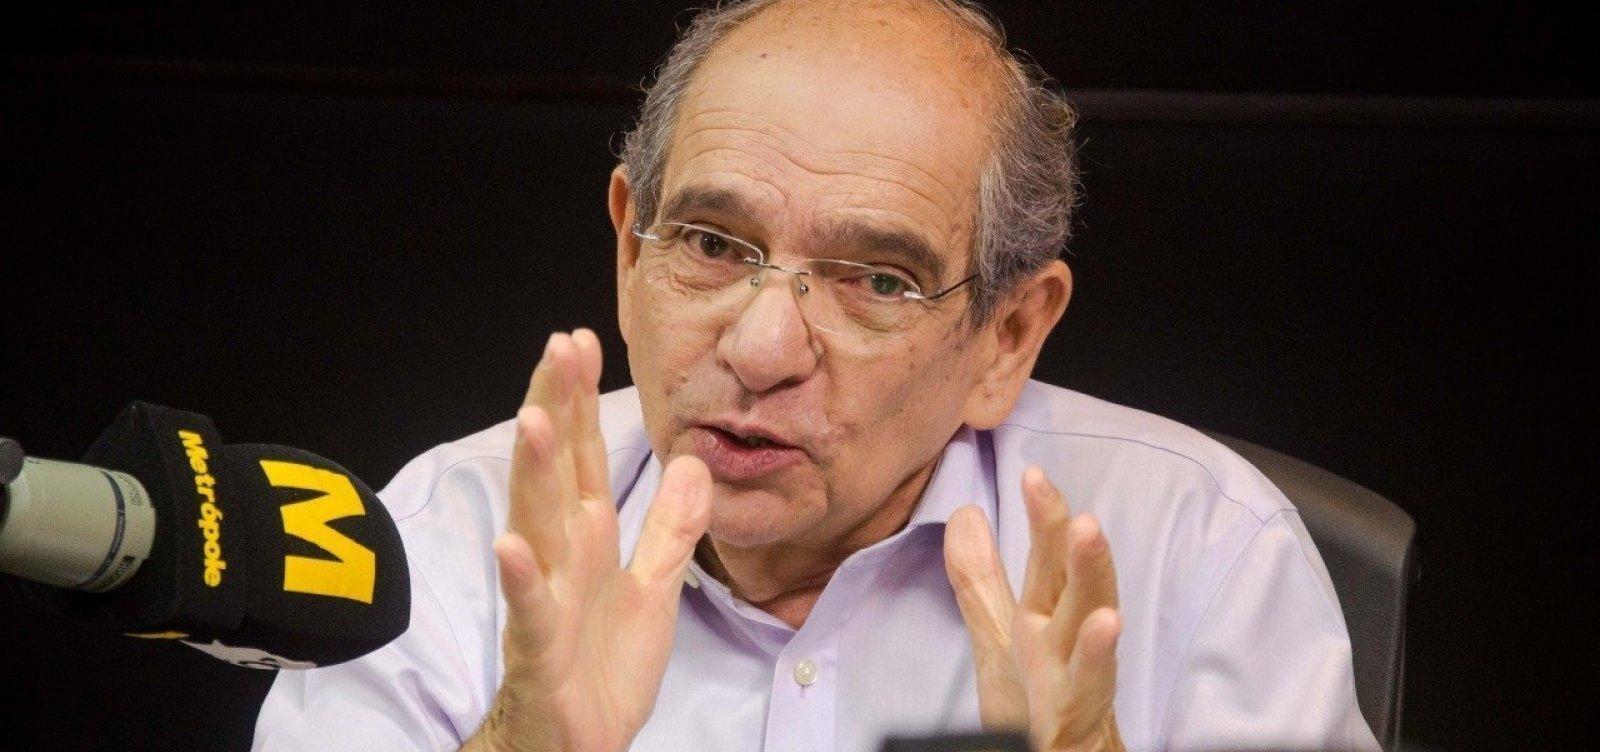 MK aponta desunião do PSL e diz que Prisco é 'irresponsável' por incentivar greve da PM; ouça